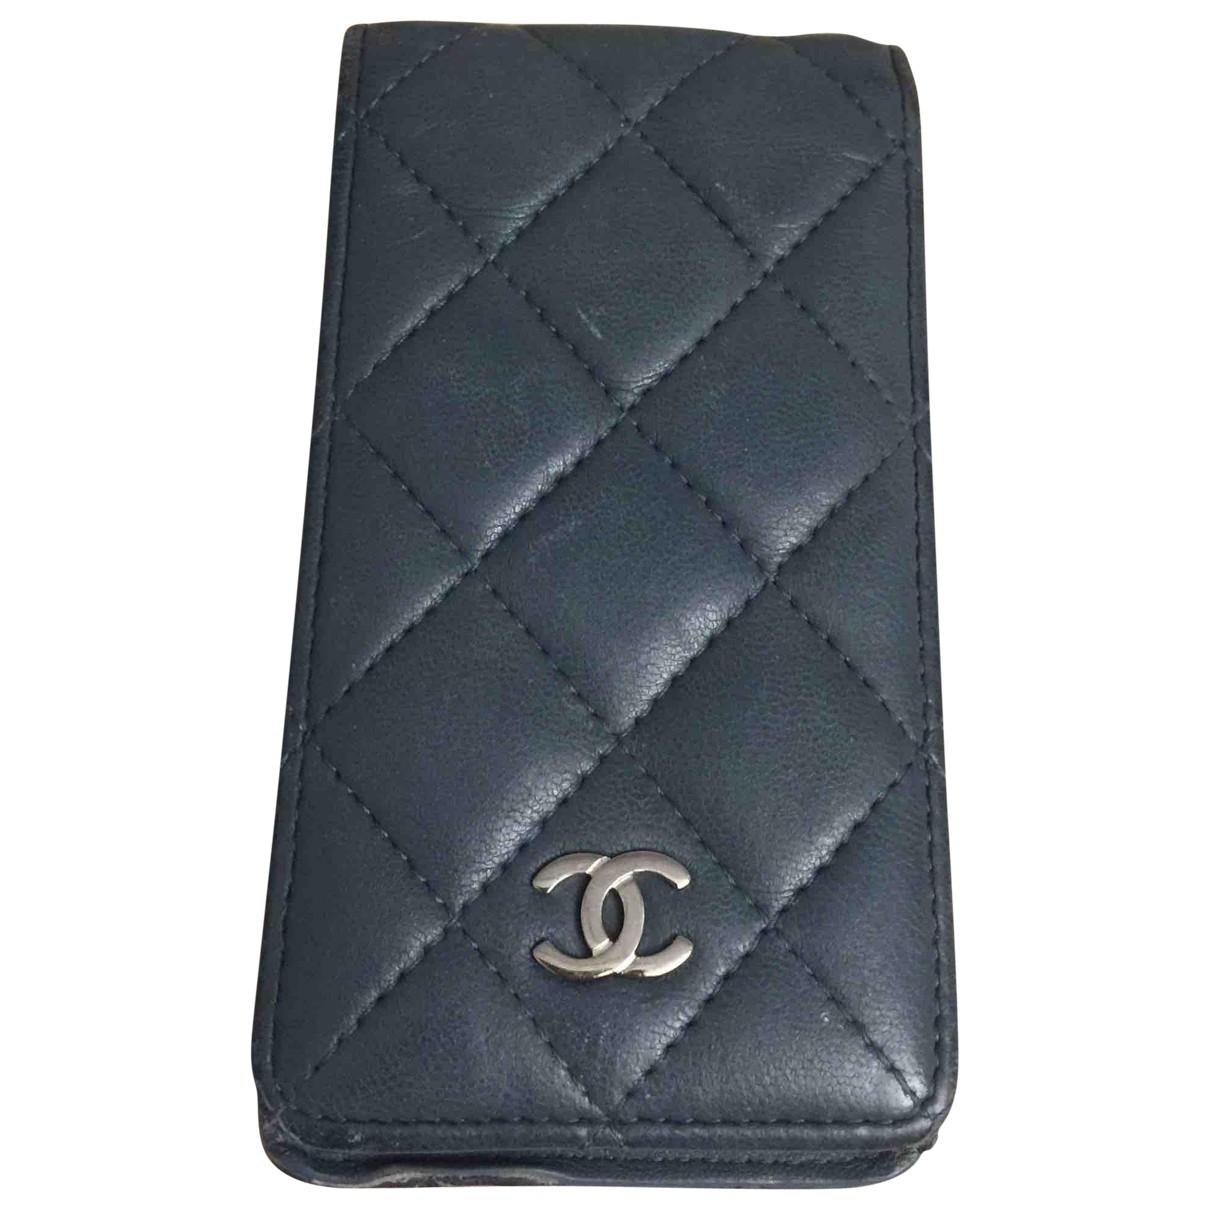 Accesorio tecnologico de Cuero Chanel